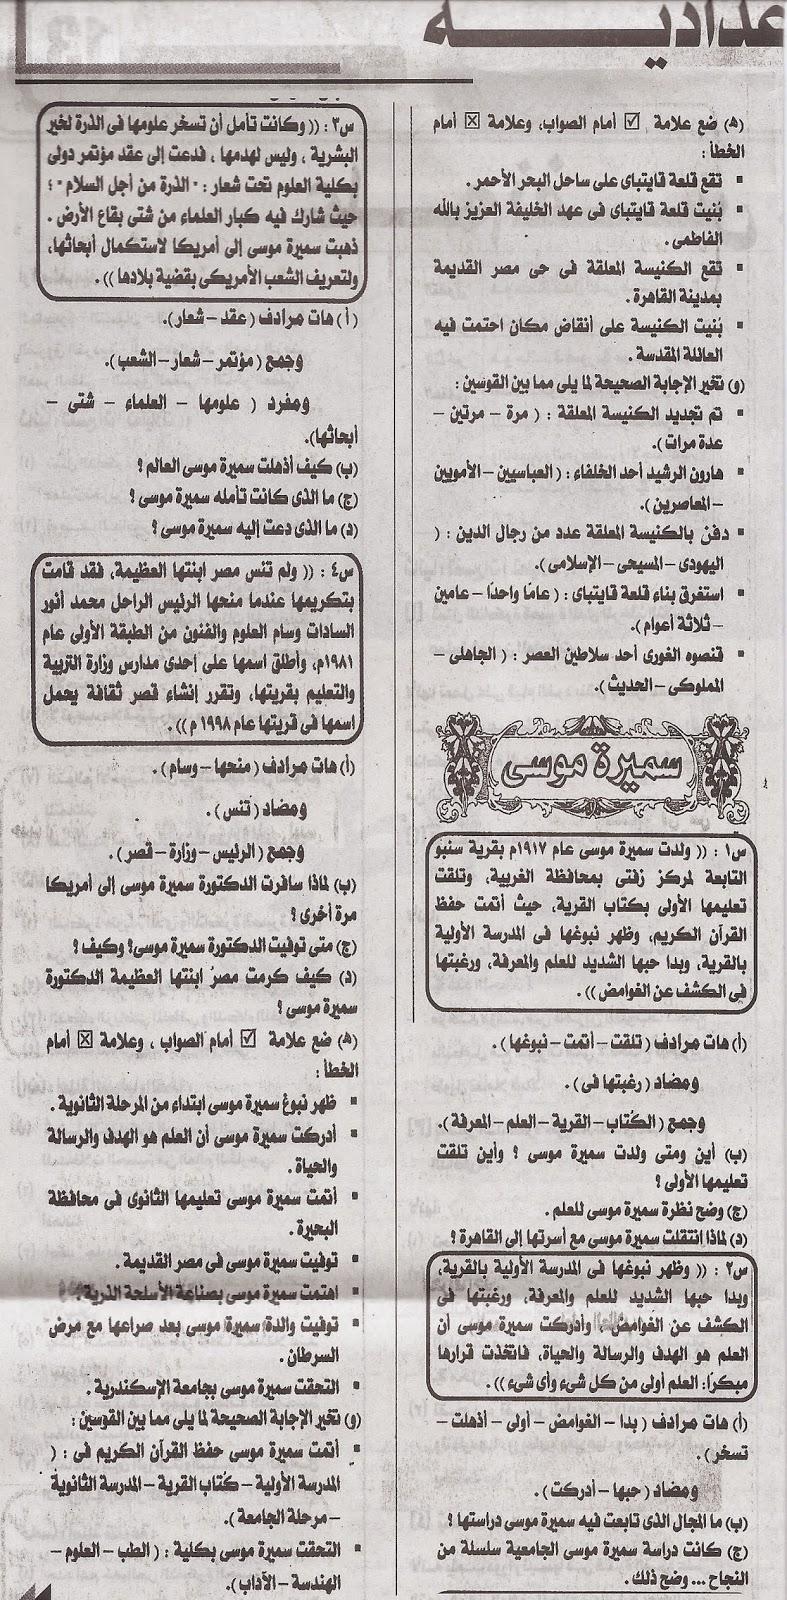 مراجعة قراءة للشهادة الاعدادية - ملحق الجمهورية نصف العام Scan0001